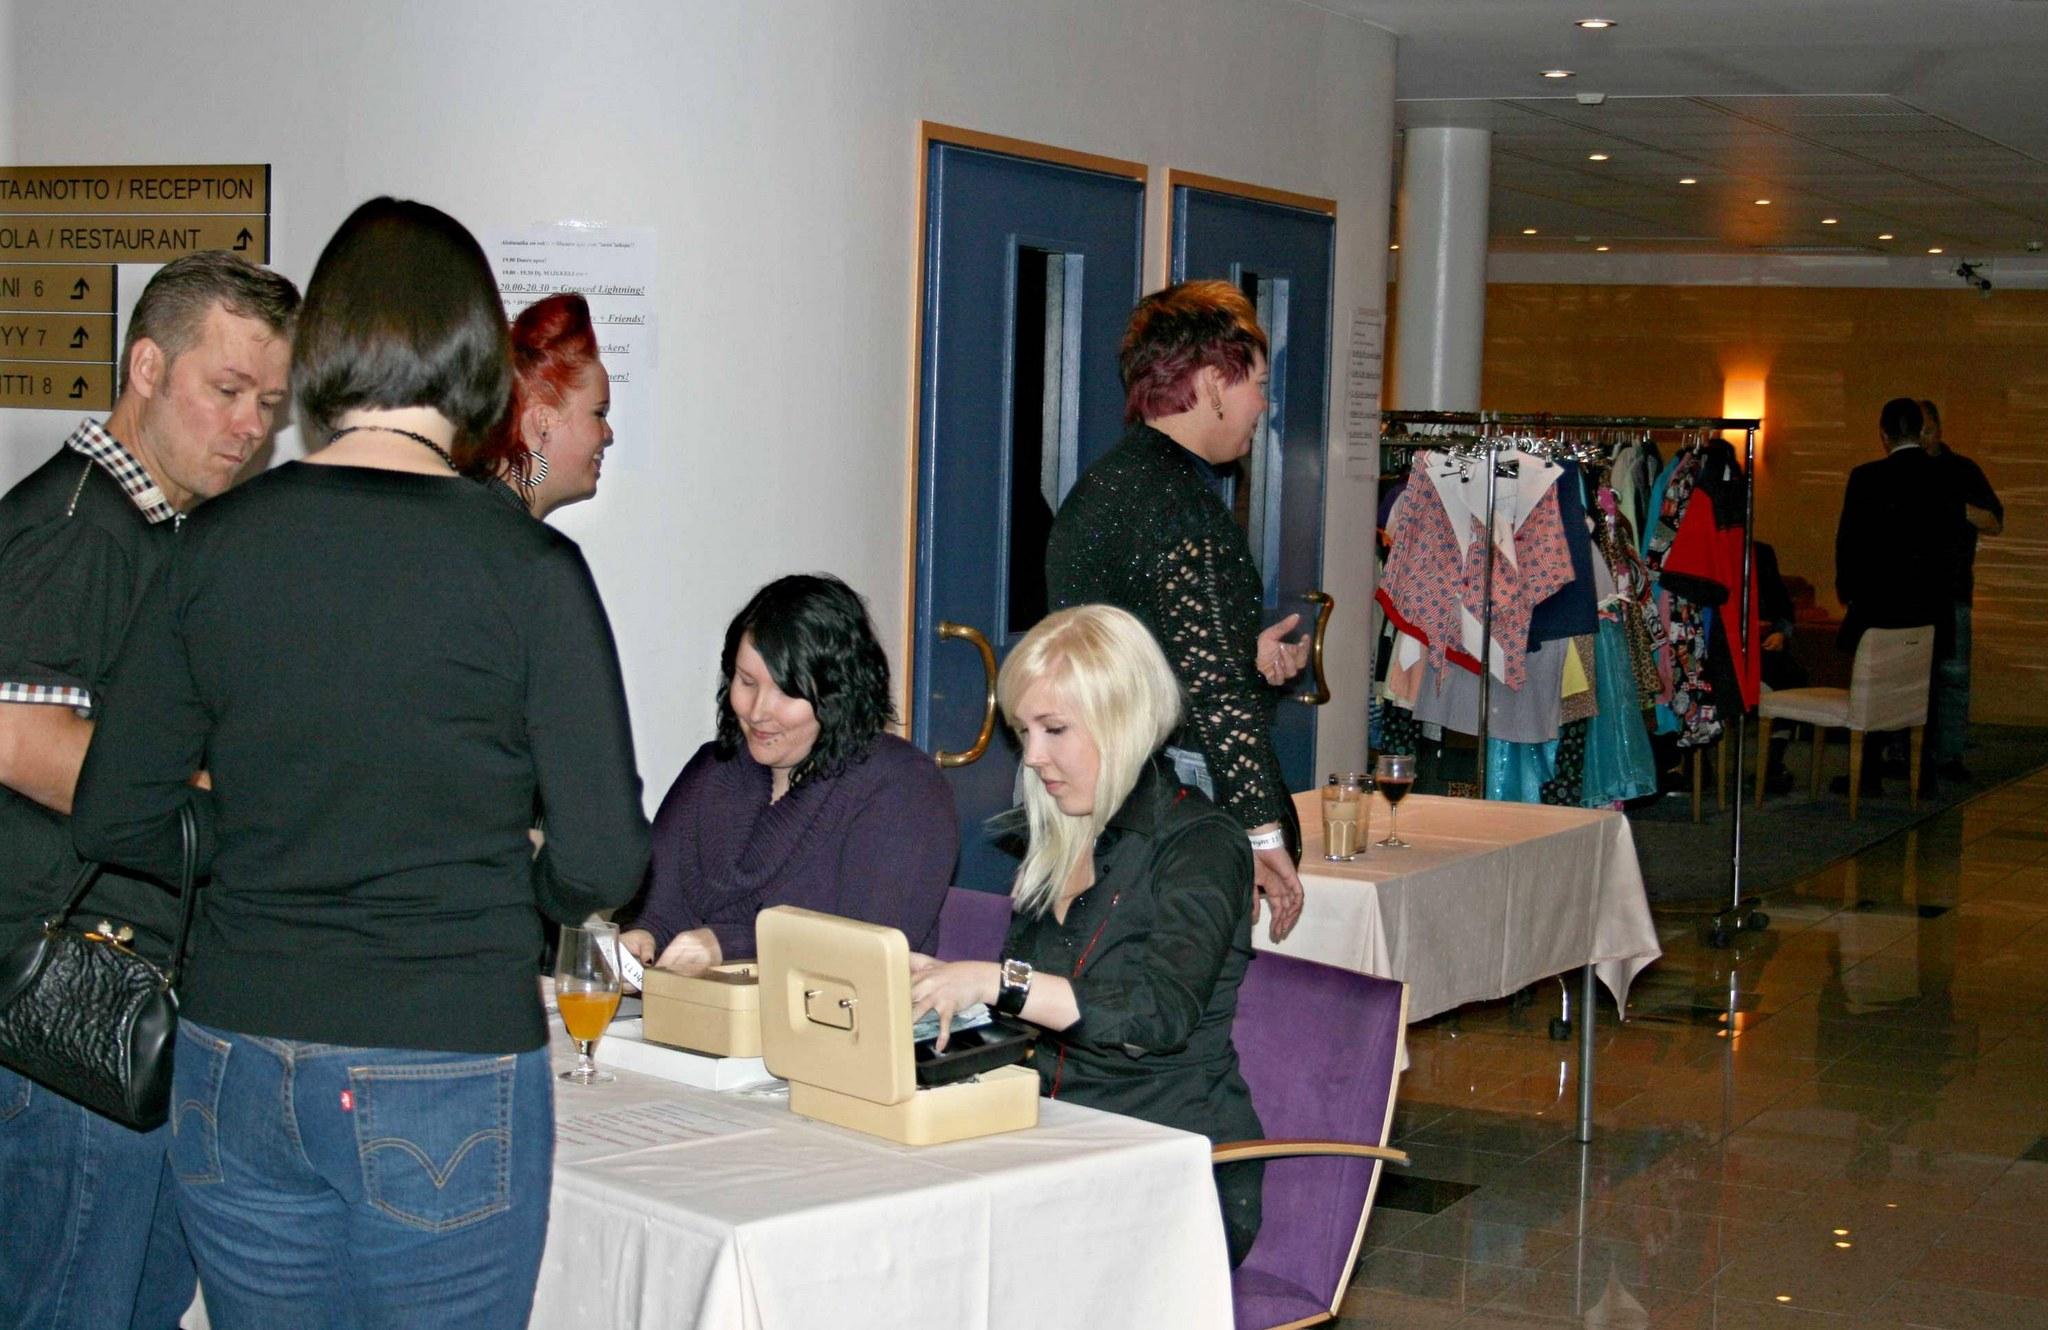 RRNight 11, Rantasipi Hyvinkää, 3.10.2009